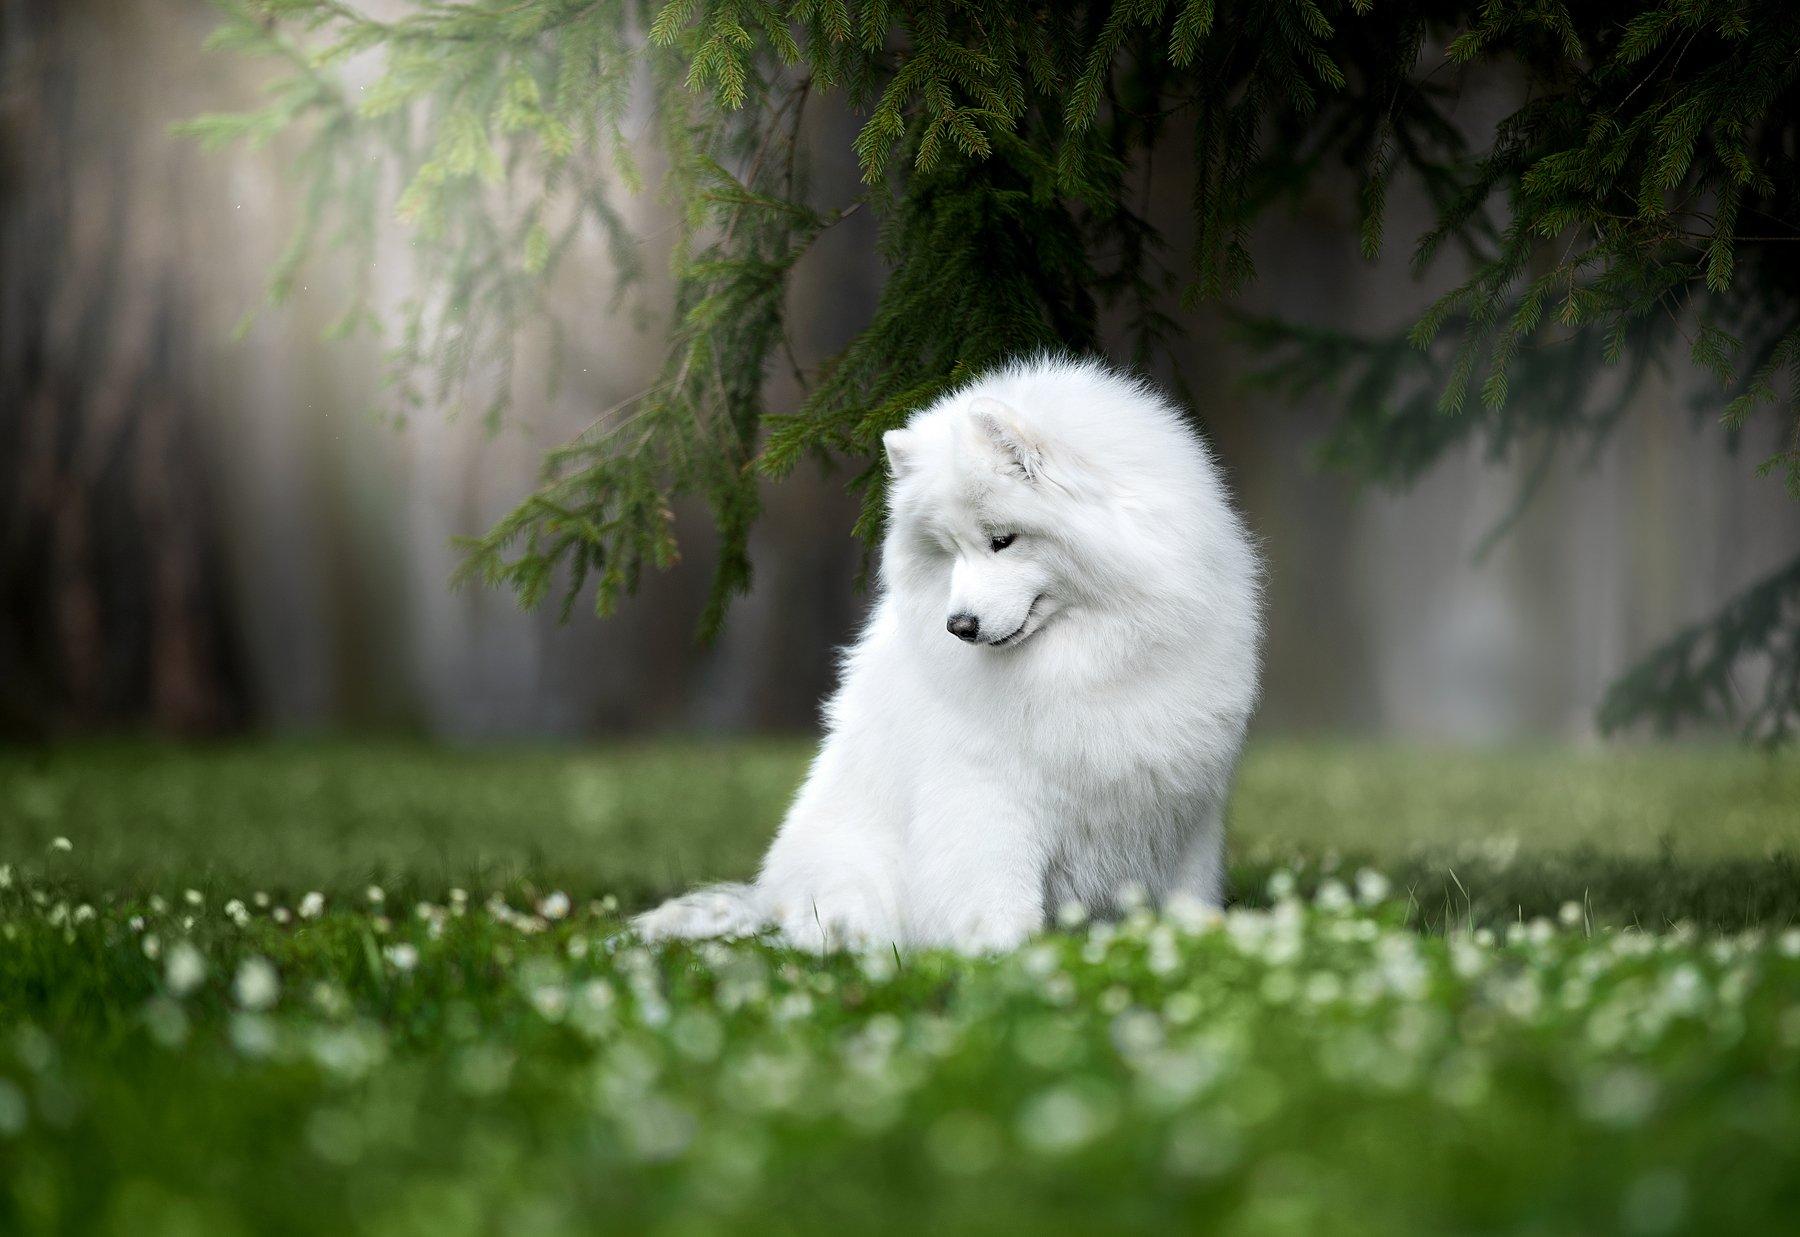 собака, самоед, весна, лес, Светлана Писарева